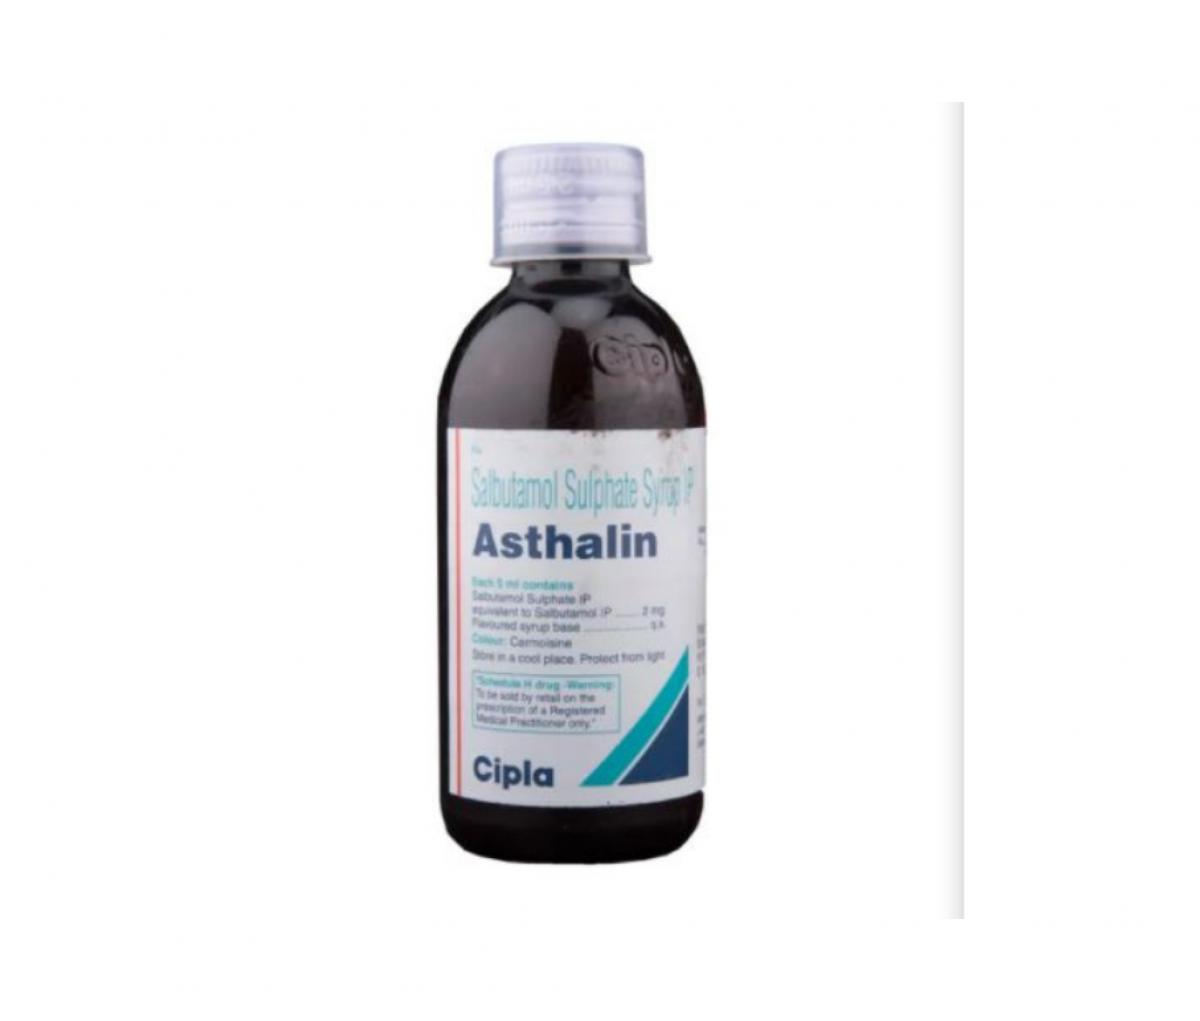 Asthalin 2mg/5 ml Syrup